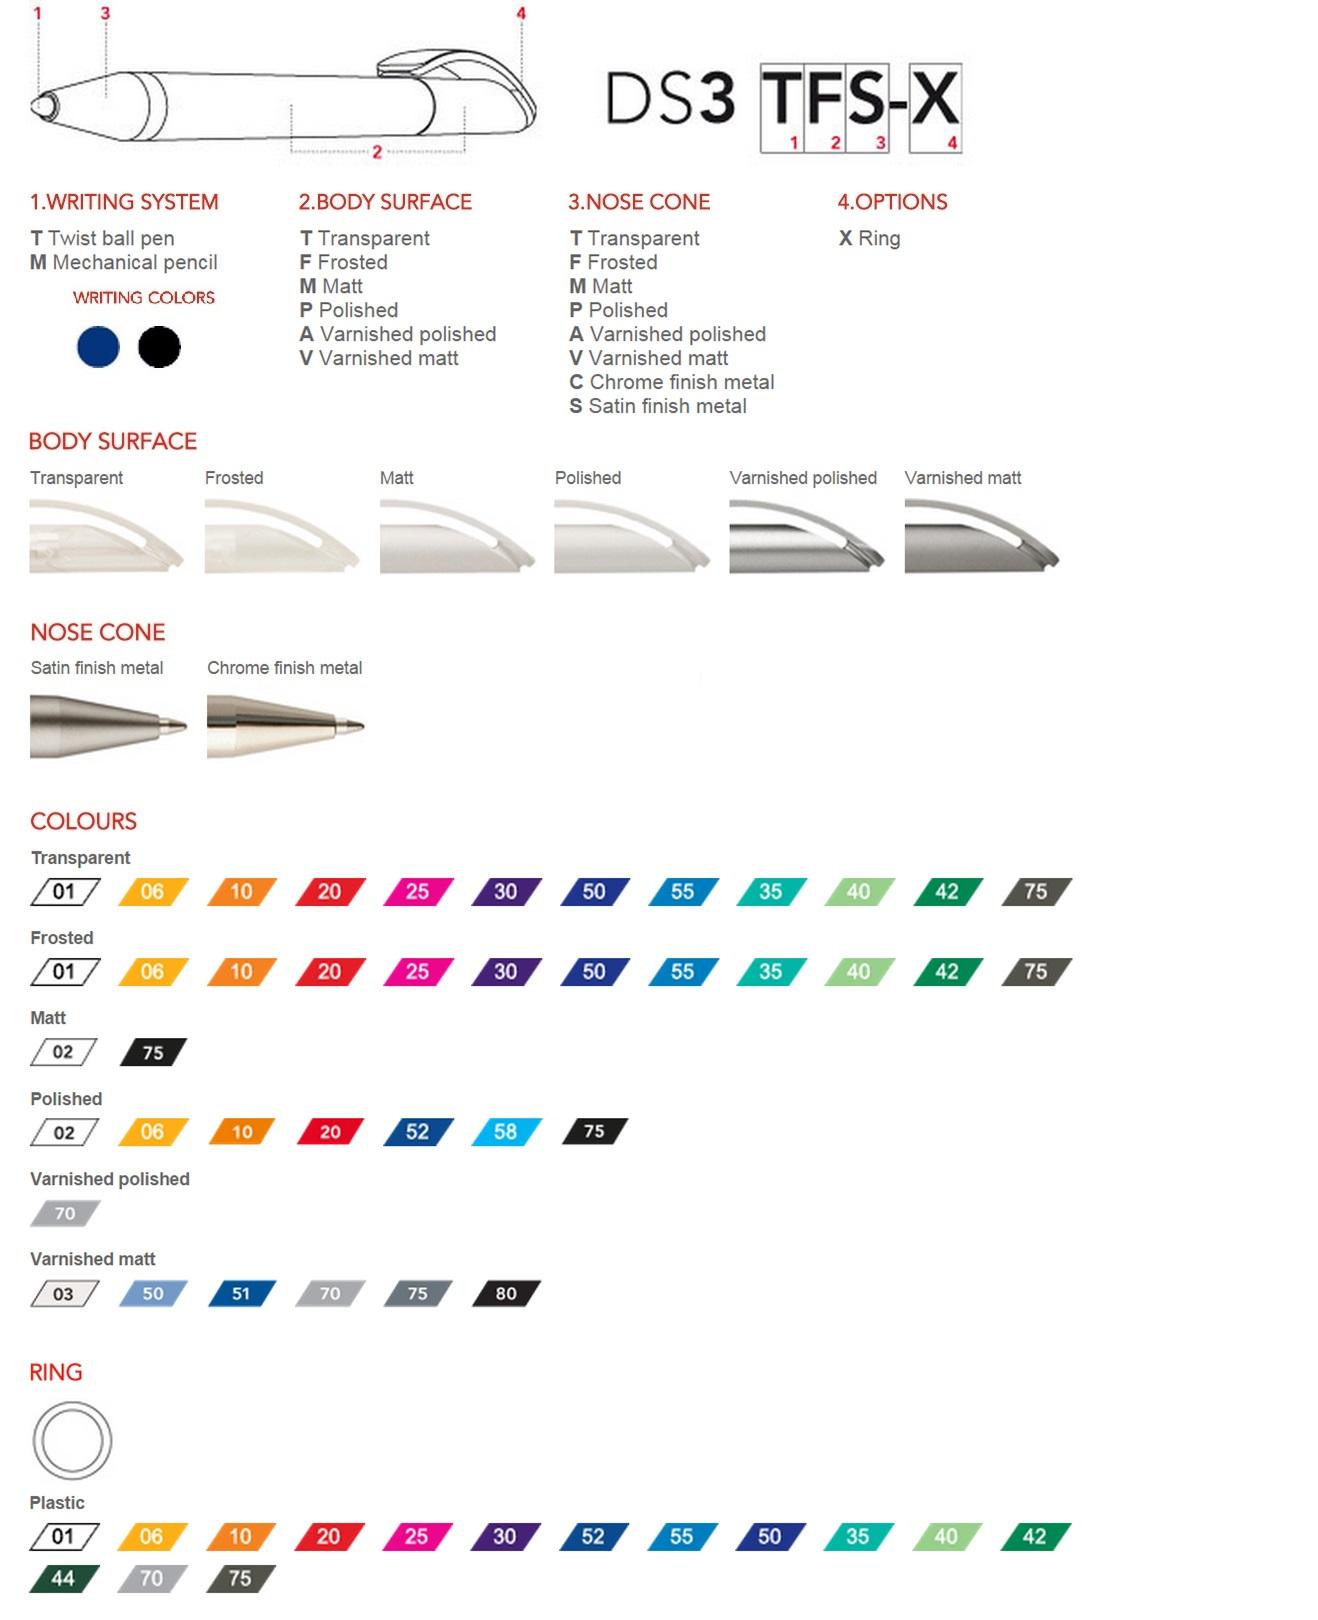 Prodir DS3 pennen personaliseren, overzicht van de personalisatie mogelijkheden om uw Prodir DS3 balpen te personaliseren.